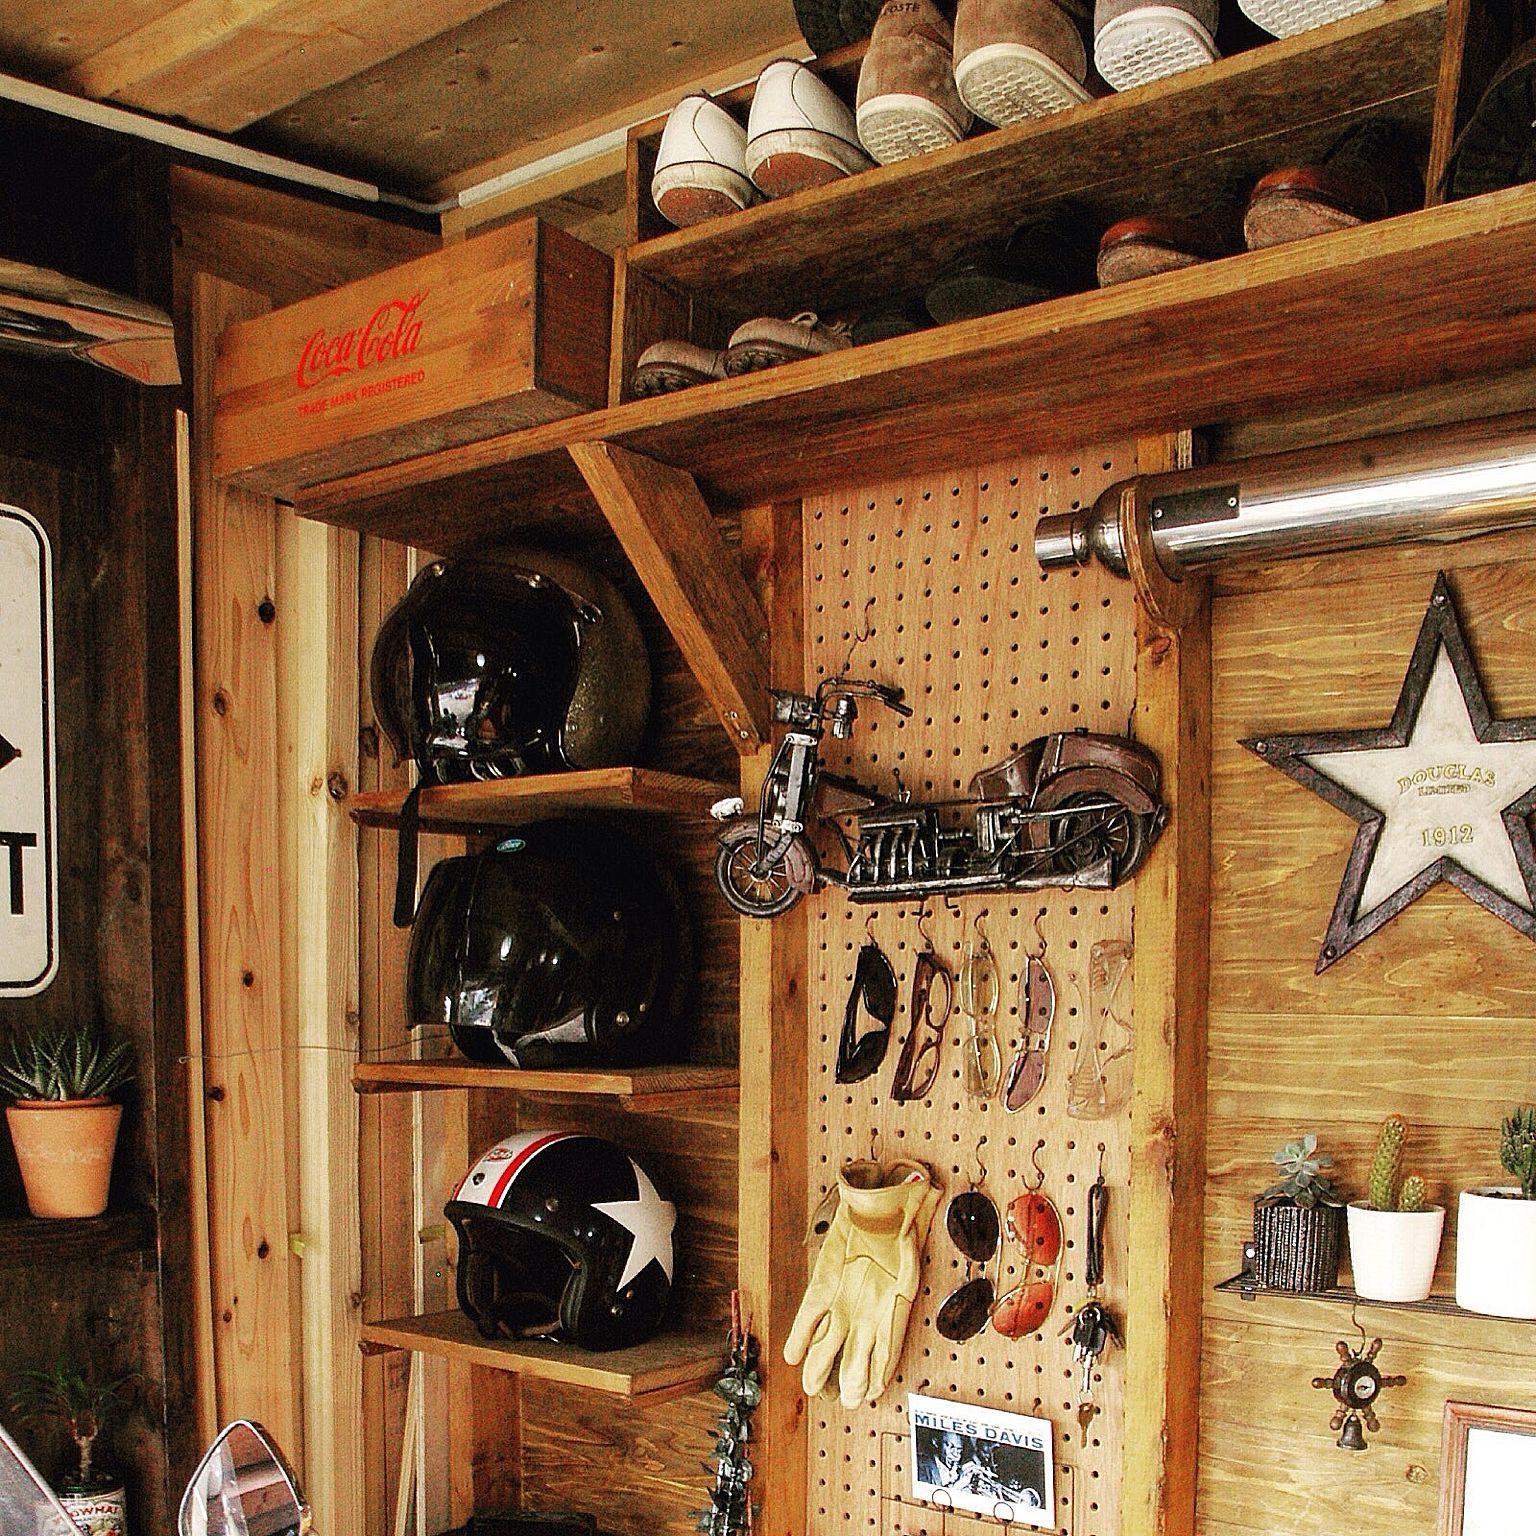 壁 天井 サイレンサー ブリキのバイクオブジェ 星 ヘルメット棚 など